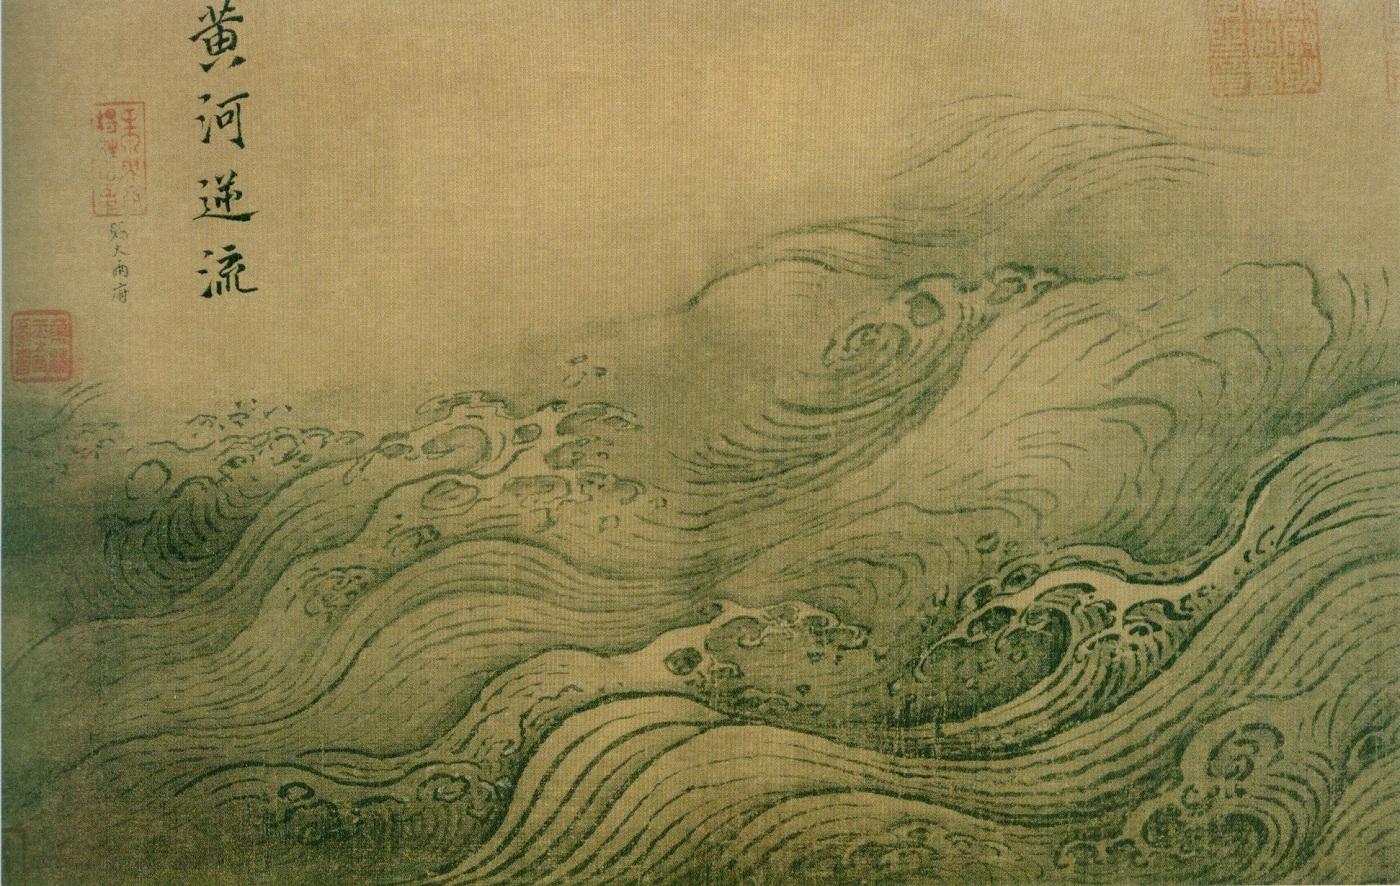 书画欣赏 马远 水图卷 故宫博物院藏